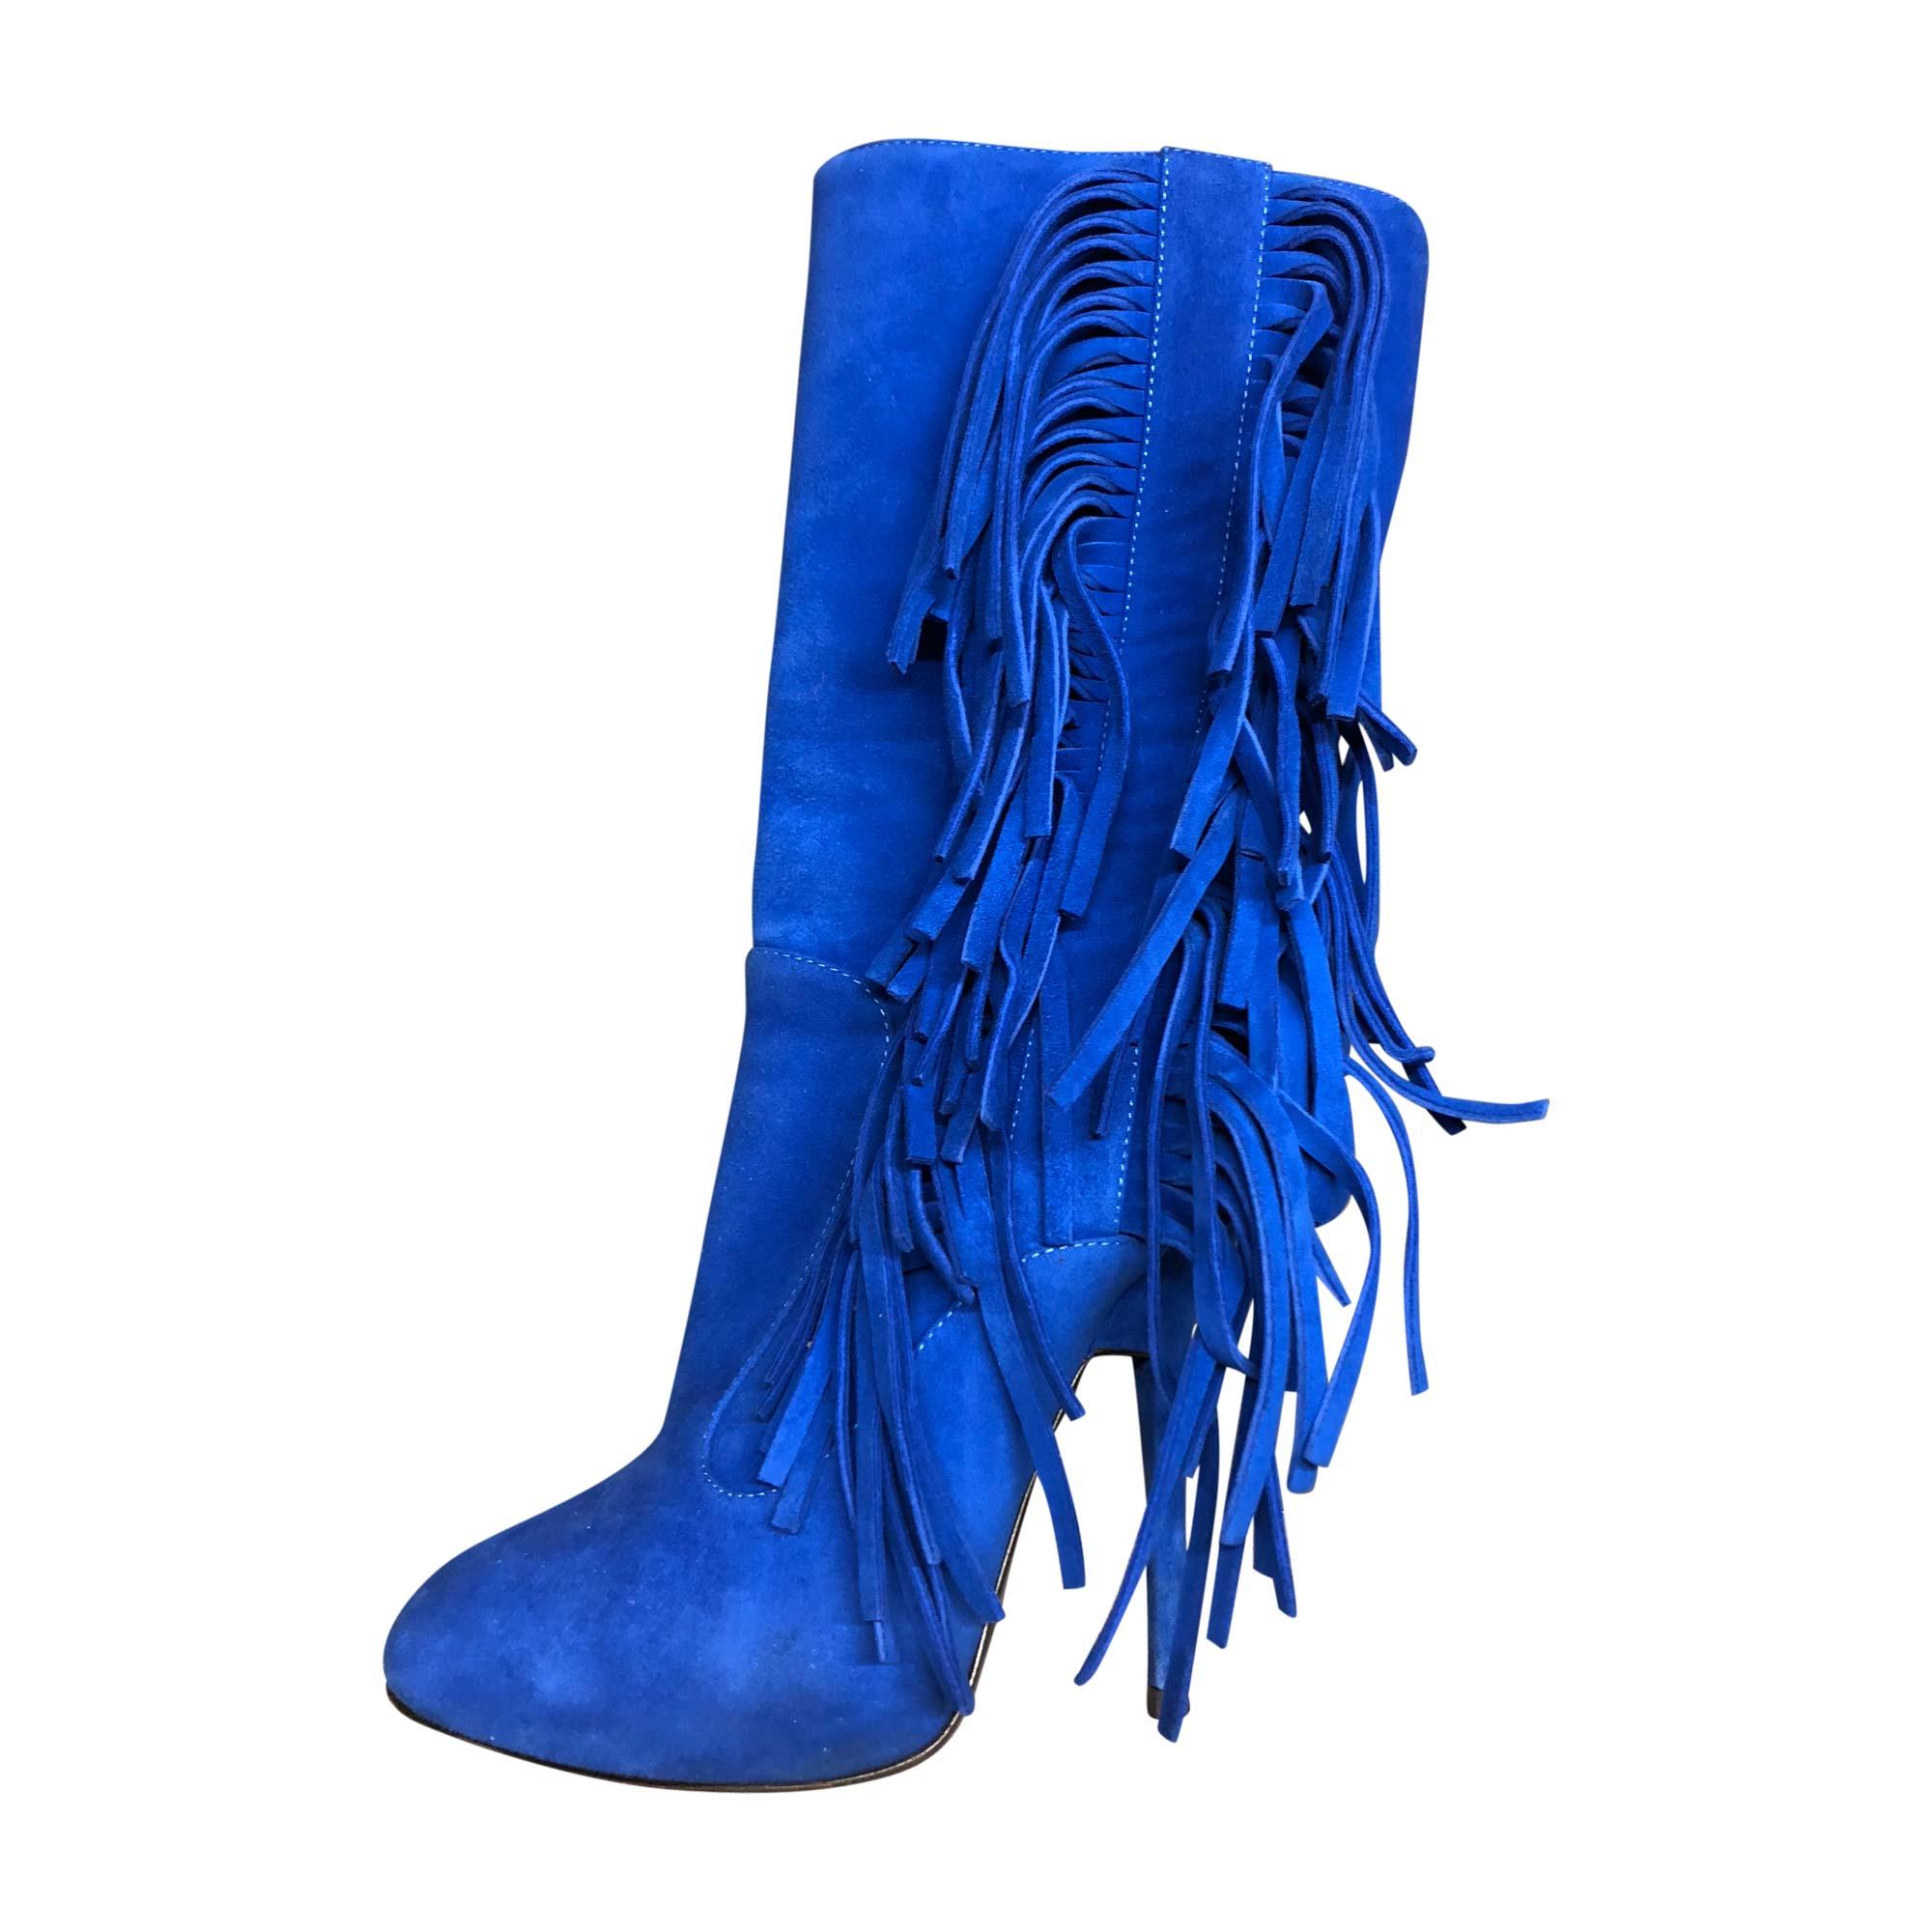 Bottes à talons GIUSEPPE ZANOTTI Bleu, bleu marine, bleu turquoise